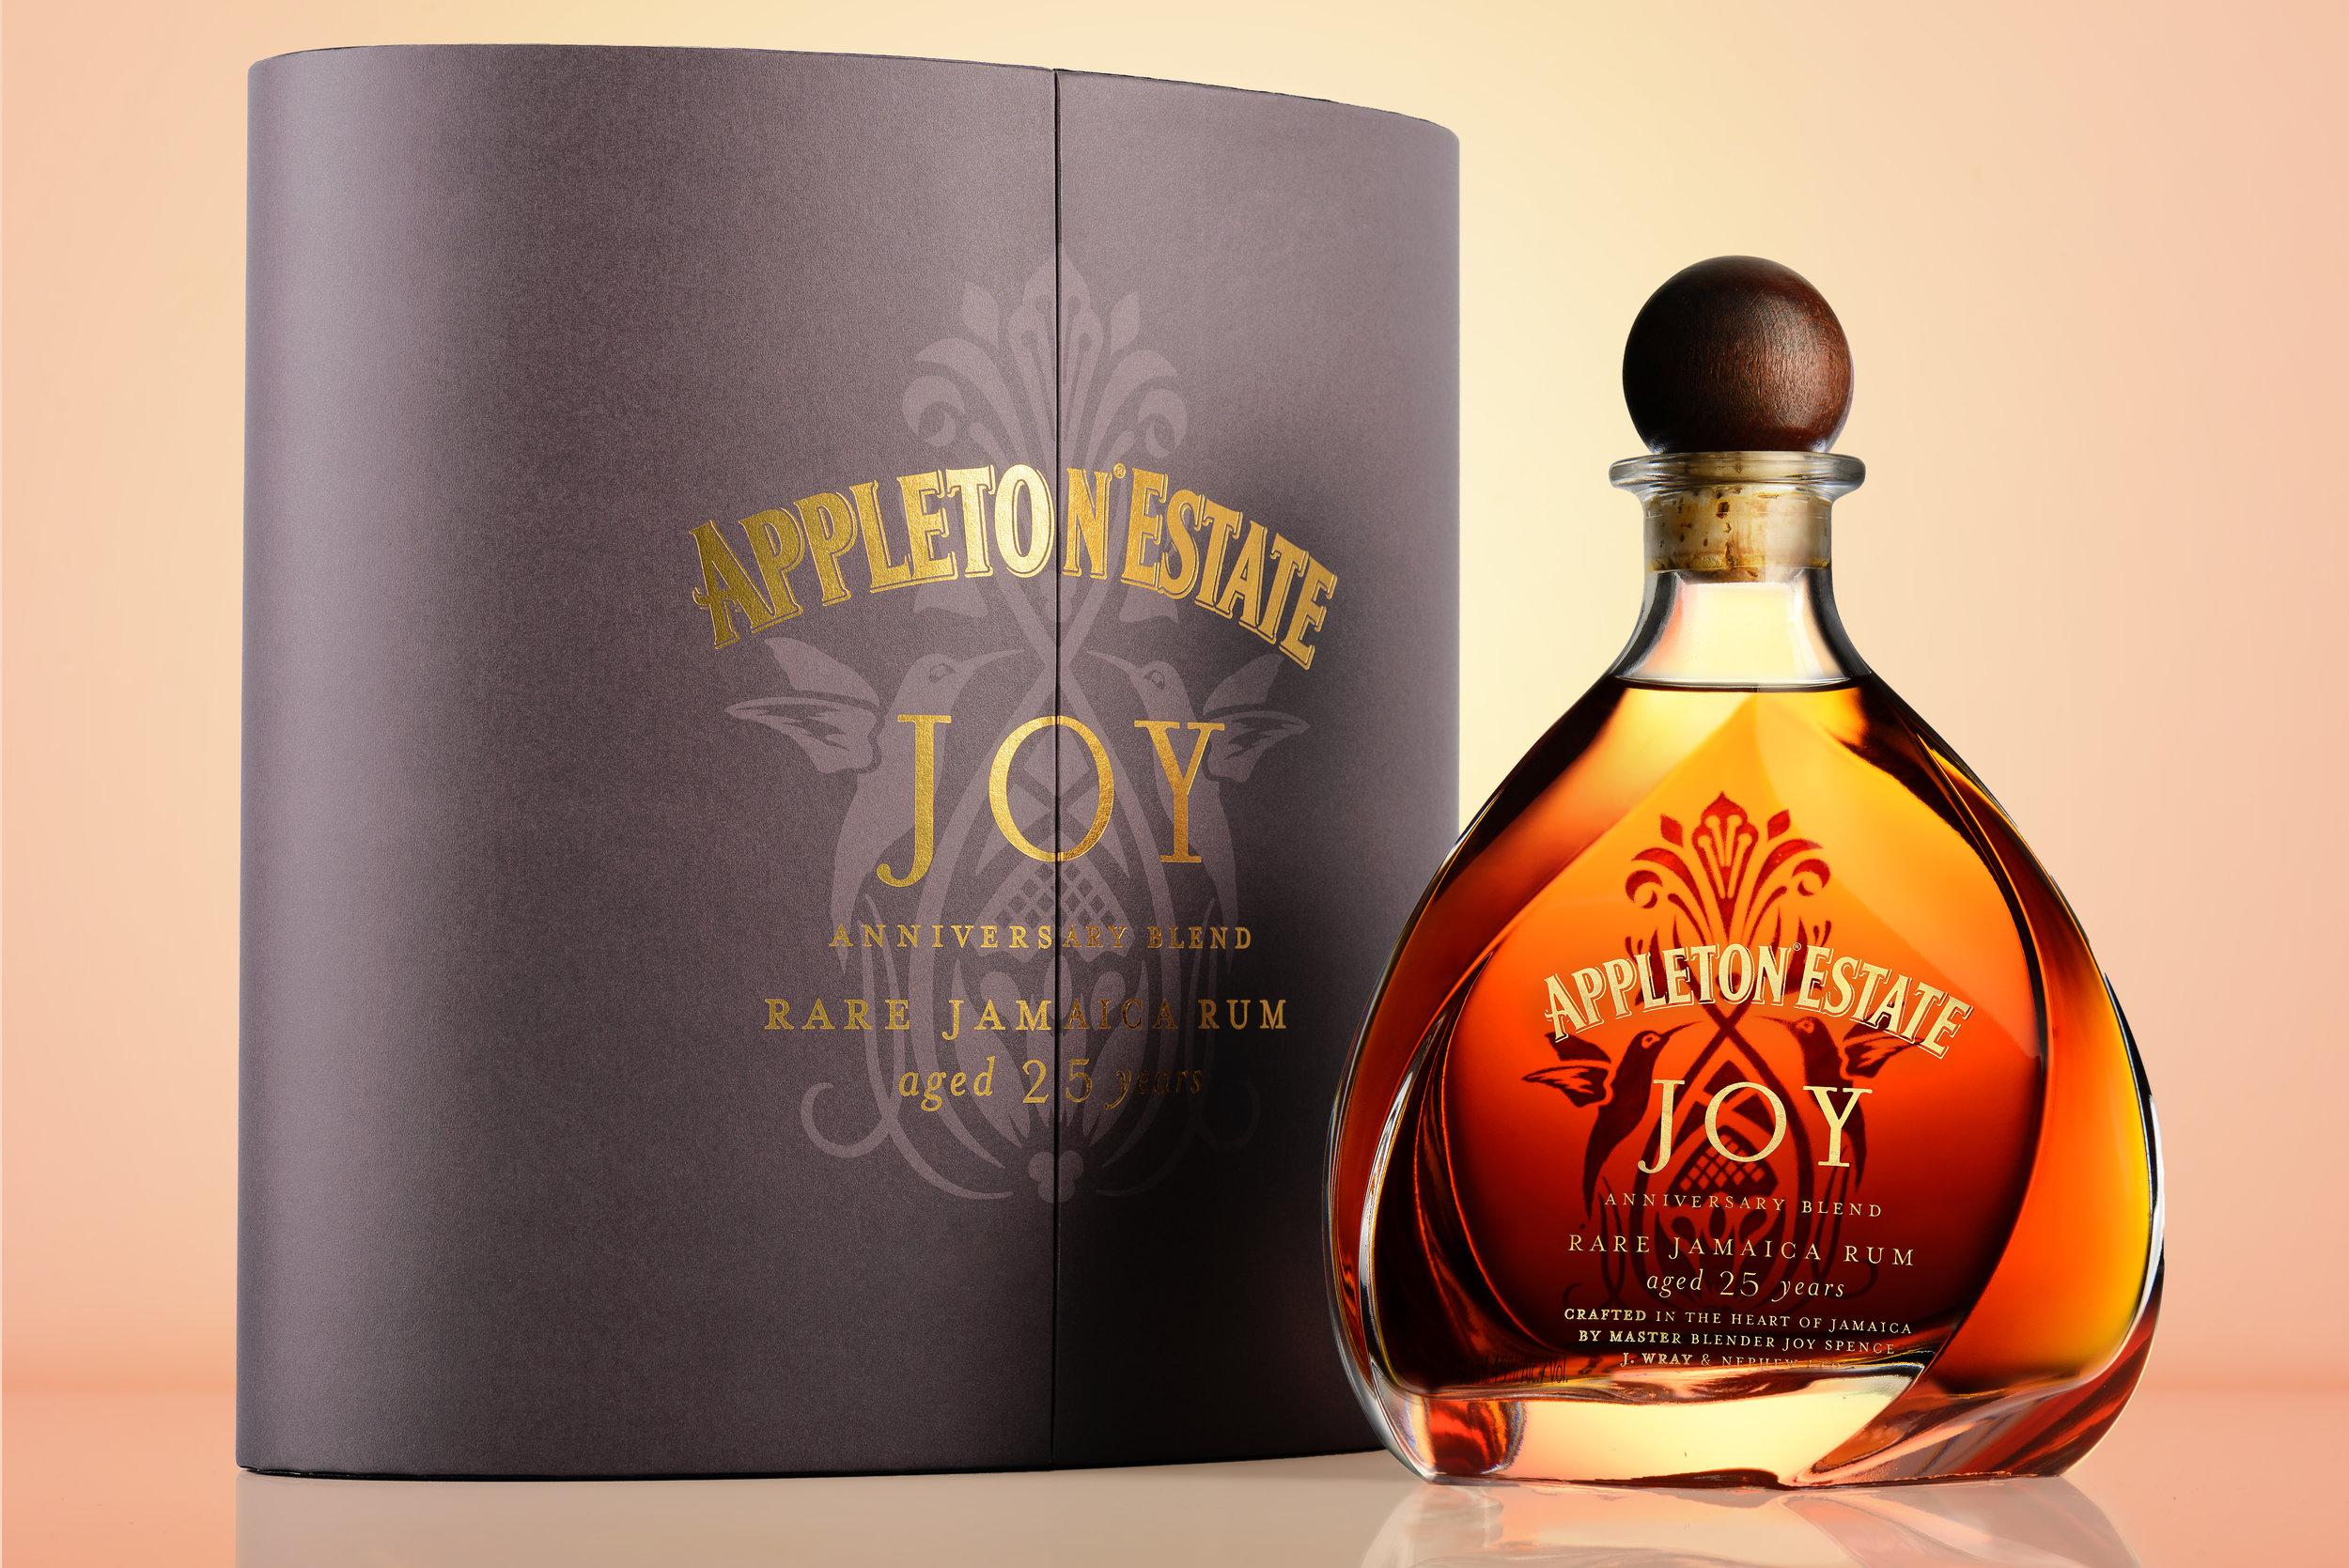 Appleton Estate - Joy Spence Anniversary Bottle & Canister Warm.jpg